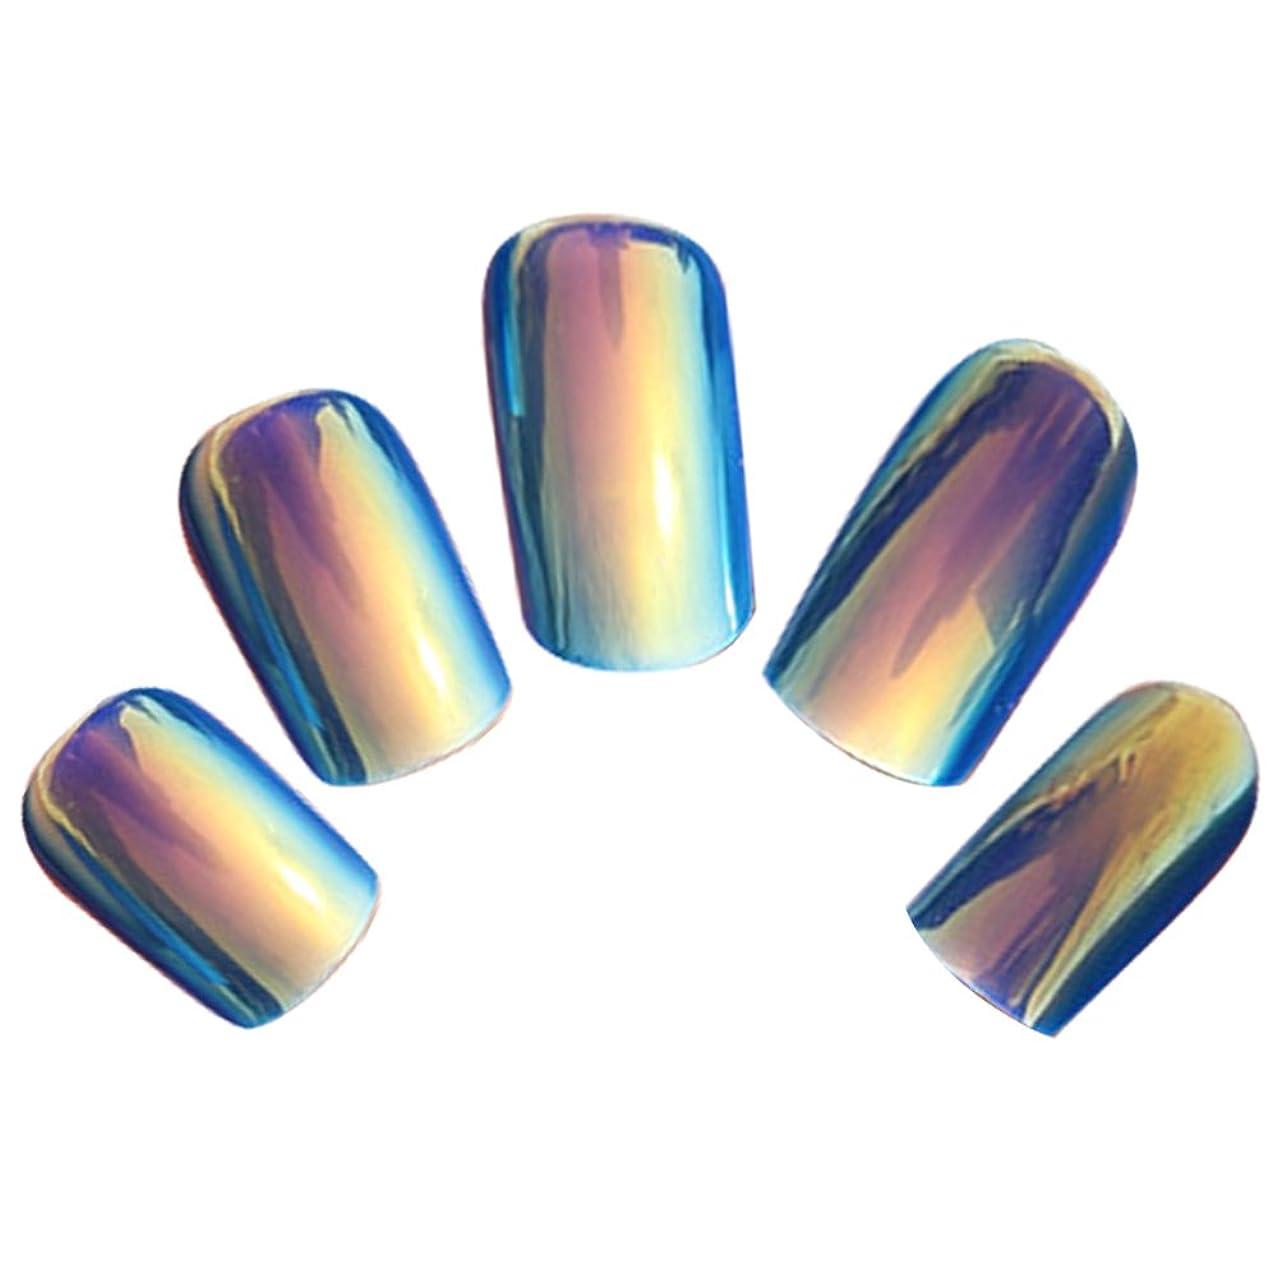 周り等信頼性ゴシレ Gosear 24 個 12 サイズ ネイルチップ 人工偽爪のヒント 青色